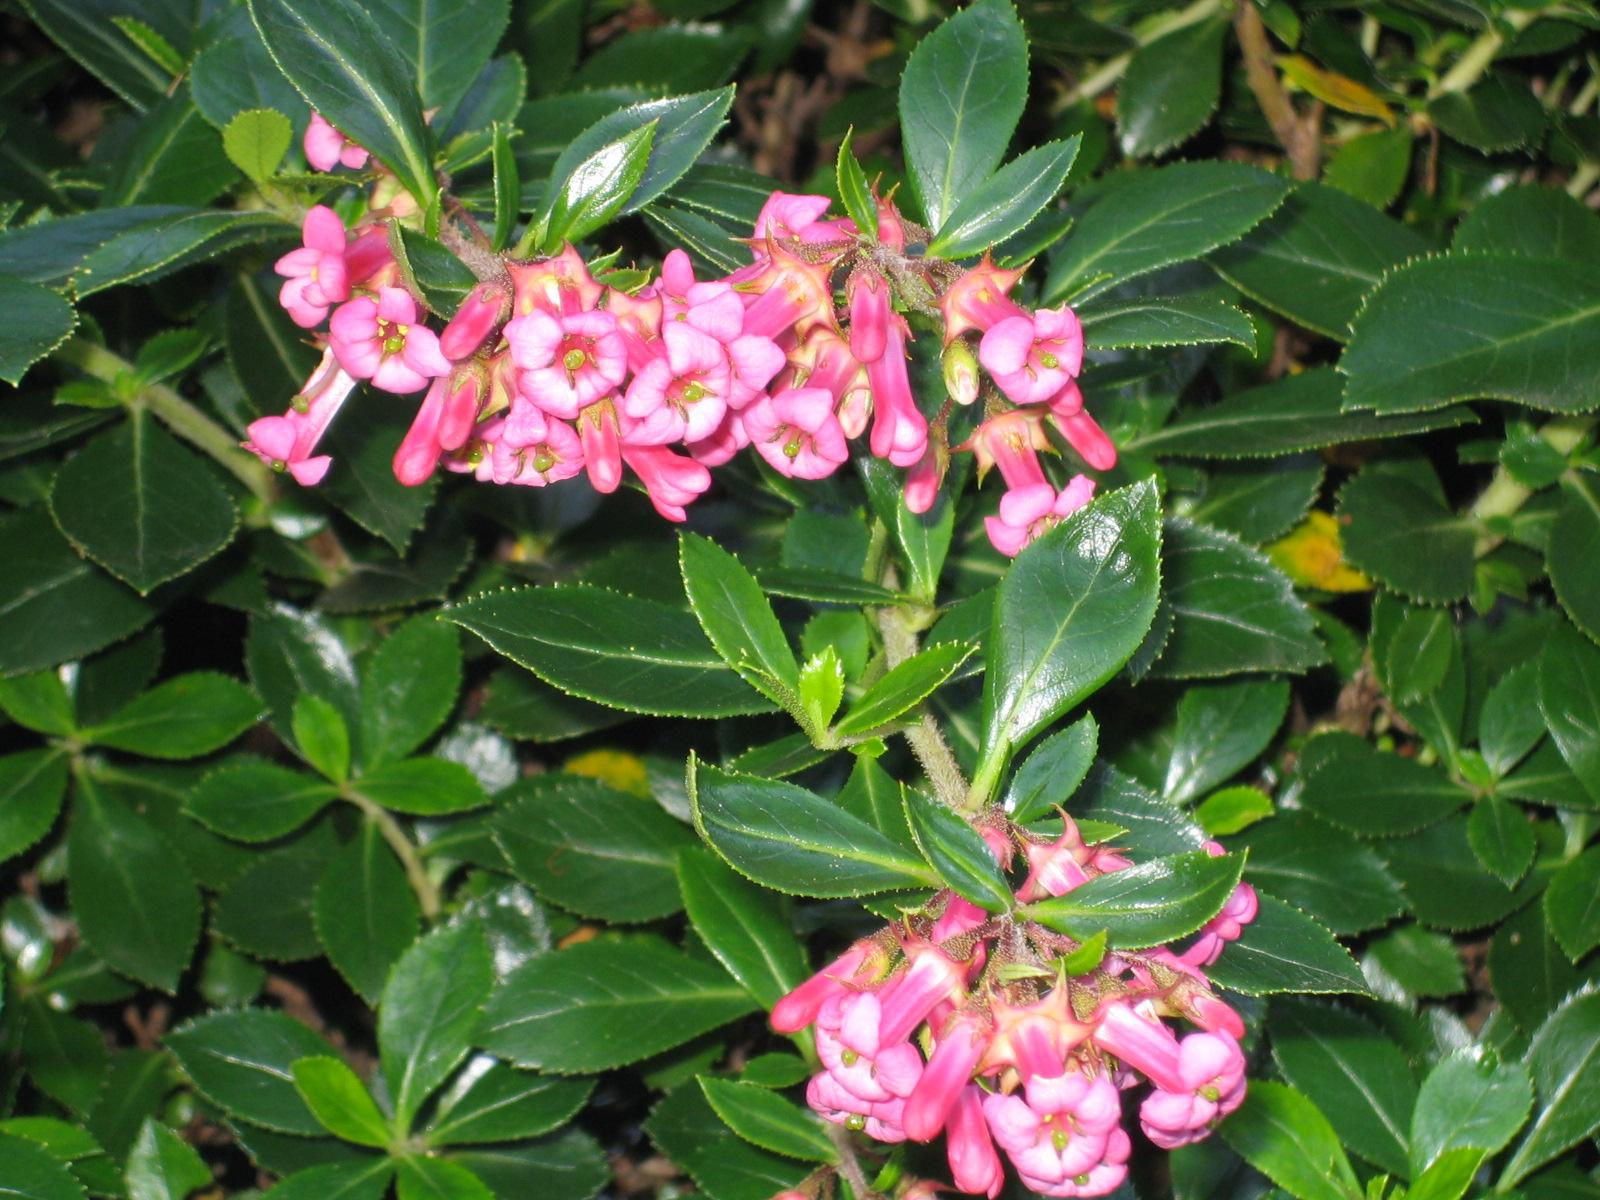 Nombre científico o latino: Escallonia rubra. Nombre común o vulgar